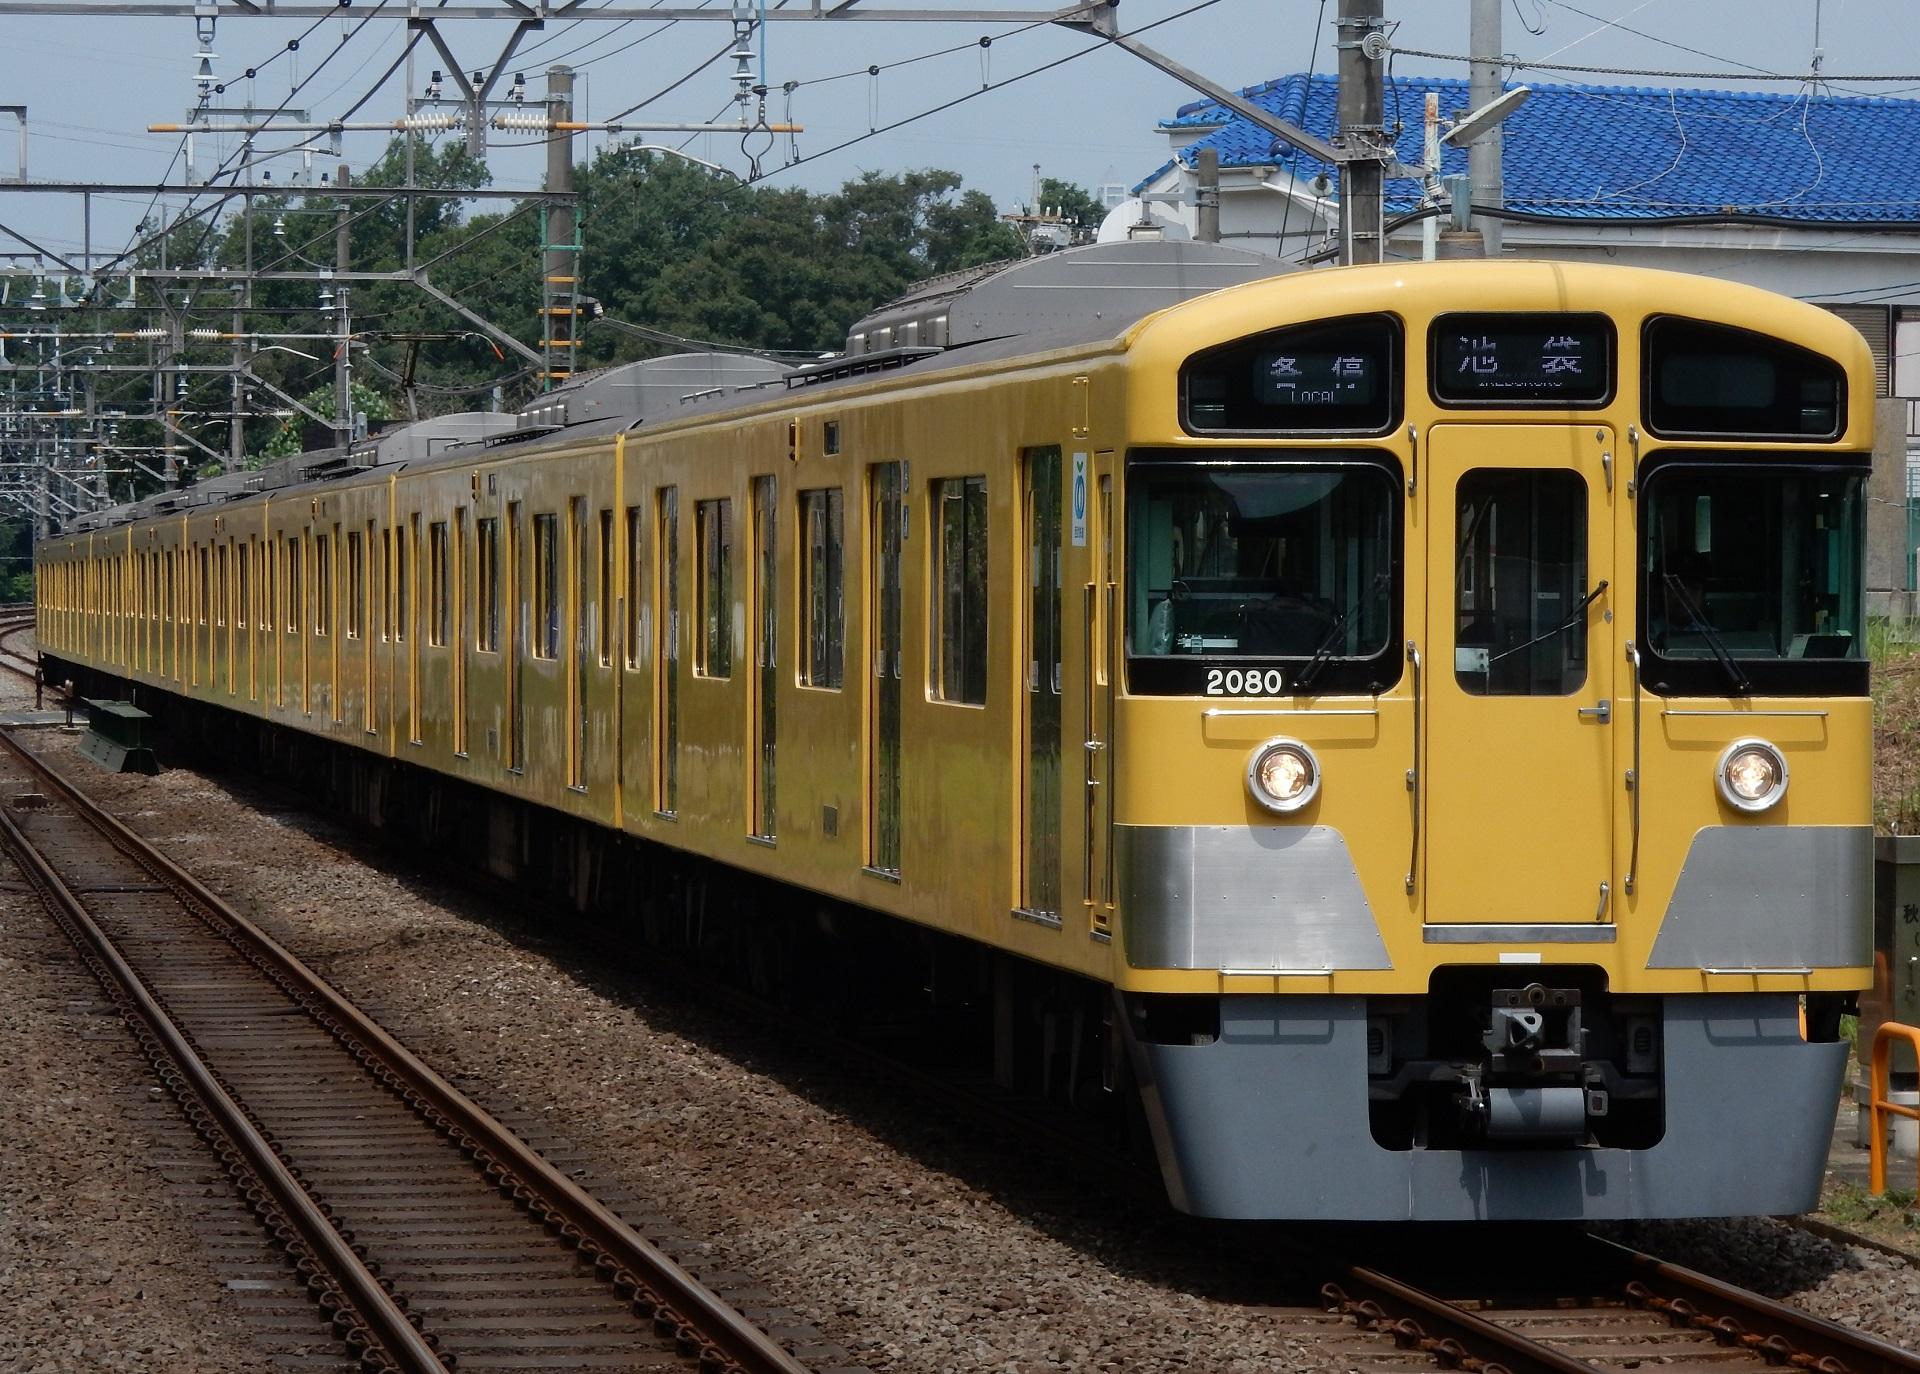 DSCN3247 - コピー